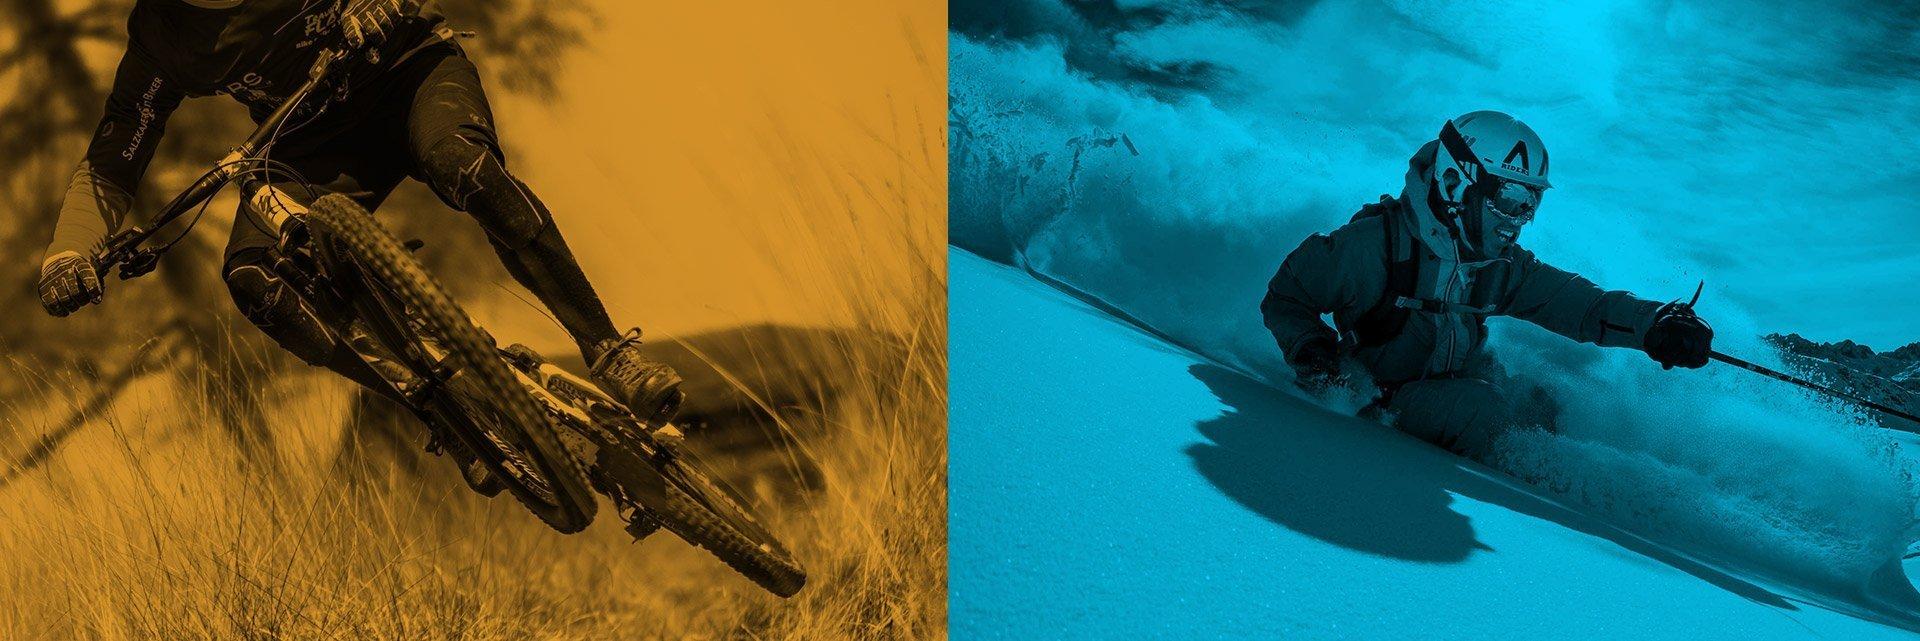 mtnlines esquí y mtb enduro